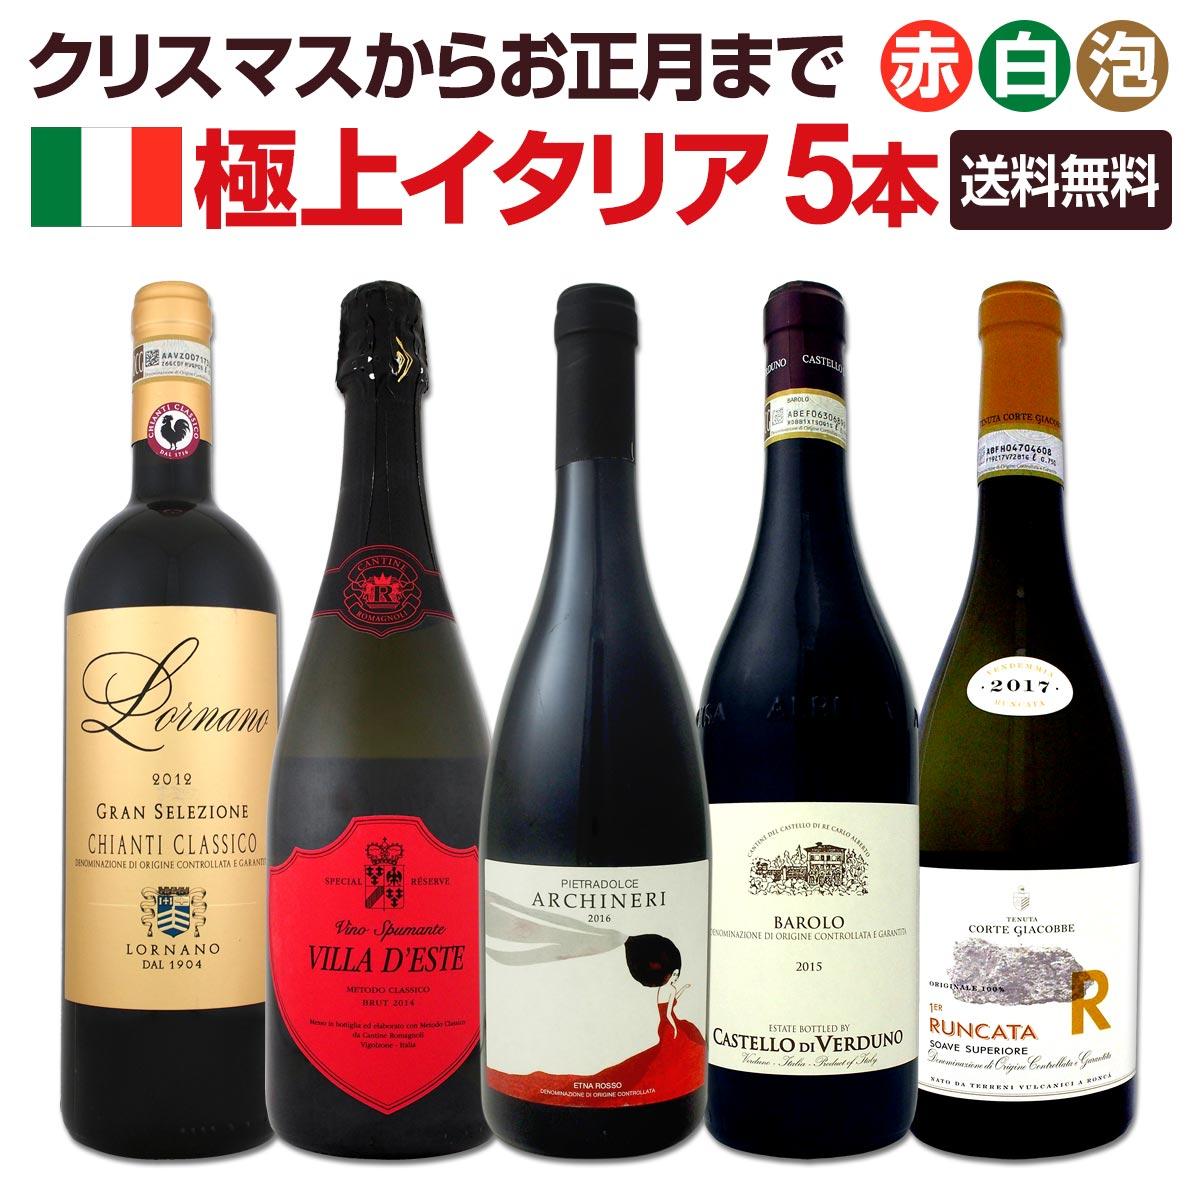 【送料無料】クリスマスからお正月まで!!極上イタリアワイン5本セット!!ワイン ワインセット セット 赤ワインセット 赤ワイン 赤 白ワインセット 白ワイン 白 スパークリングワイン スパークリングワインセット飲み比べ 送料無料 ギフト プレゼント 辛口 750ml